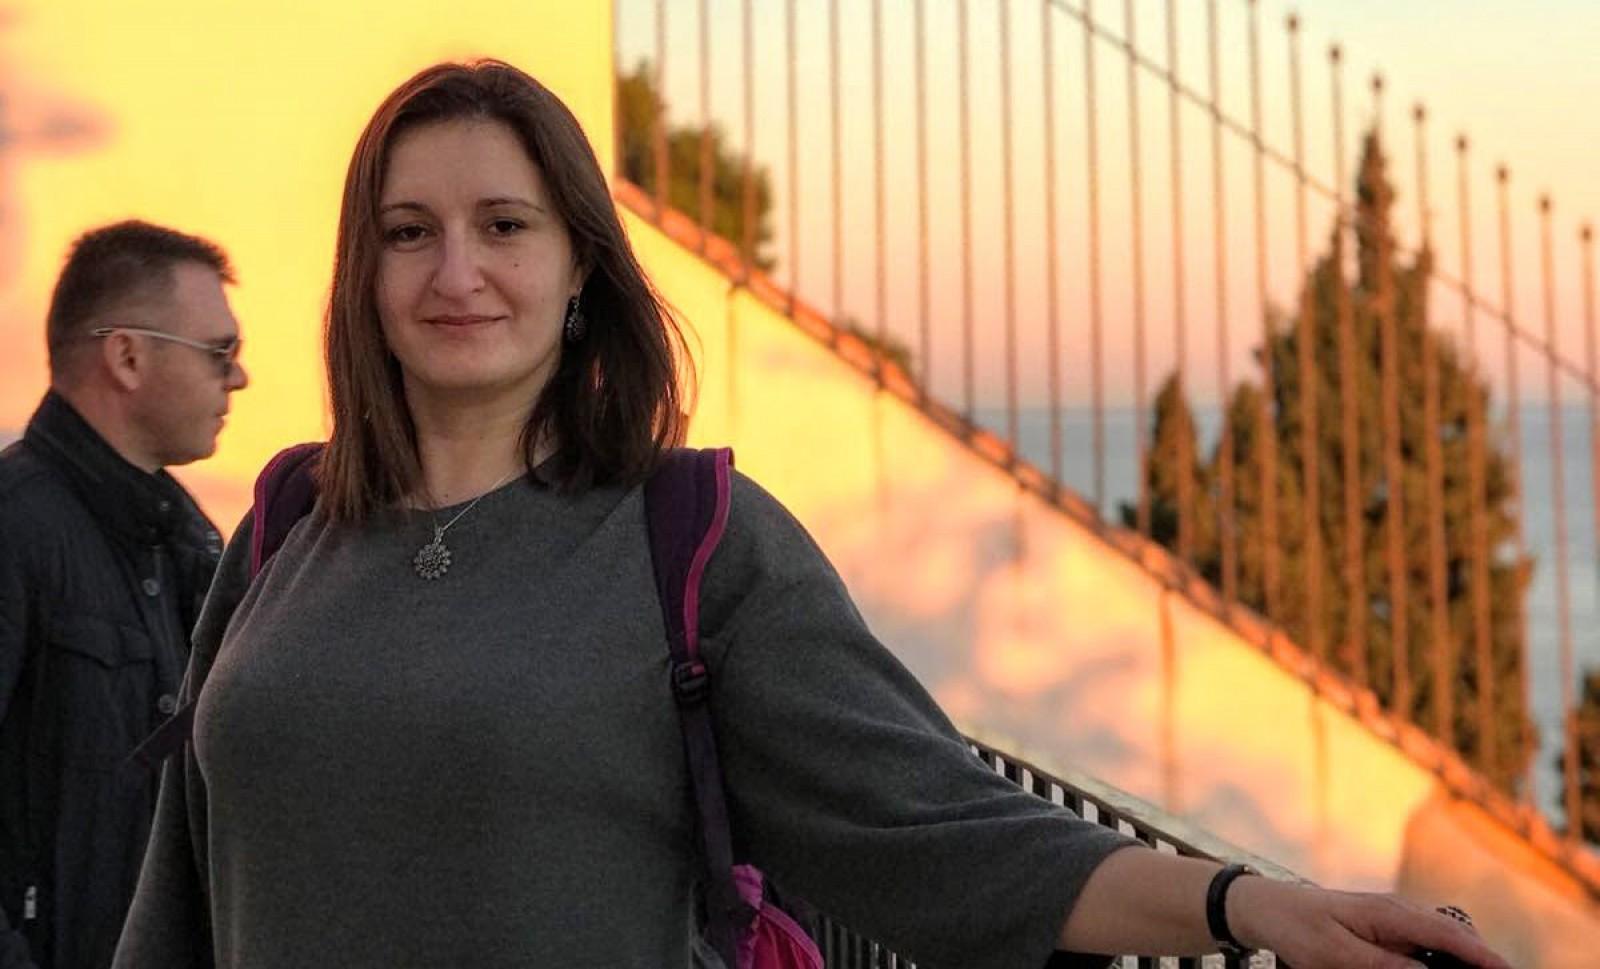 Tânără stabilită de 10 ani în Franța: Moldova mi-a răpit părinții care au murit prematur